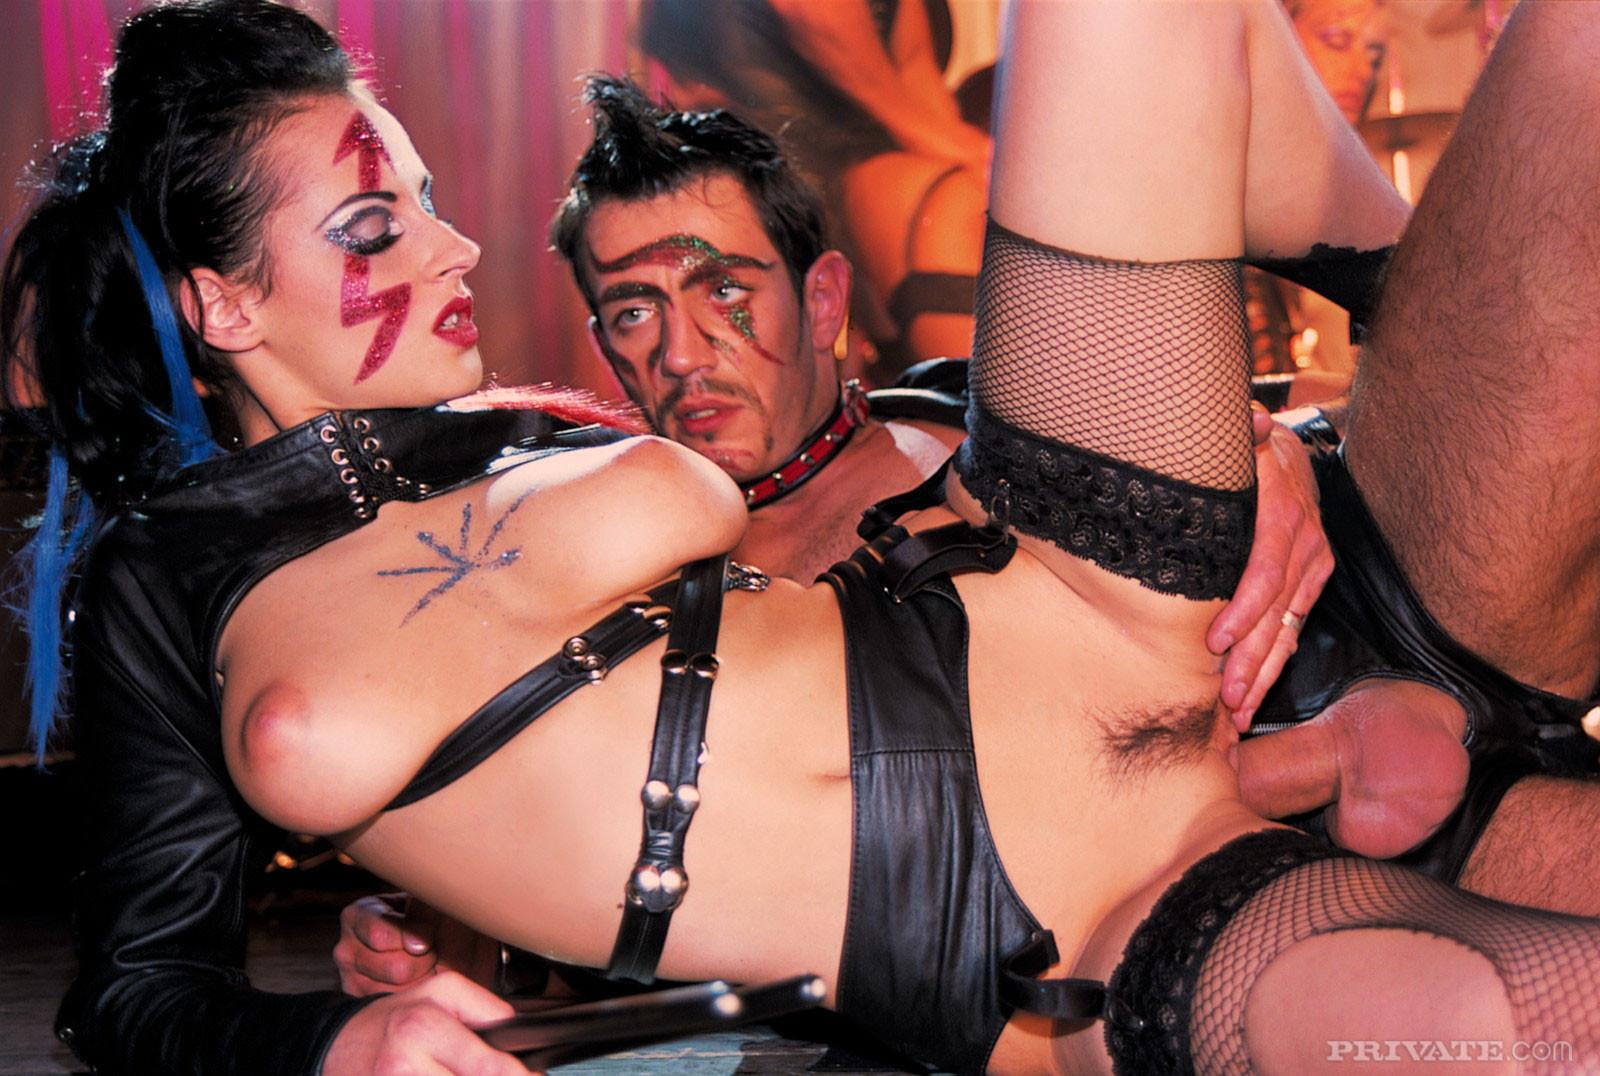 Порнуха фото развратное, порно дрочат на волосатый лобок женщинам